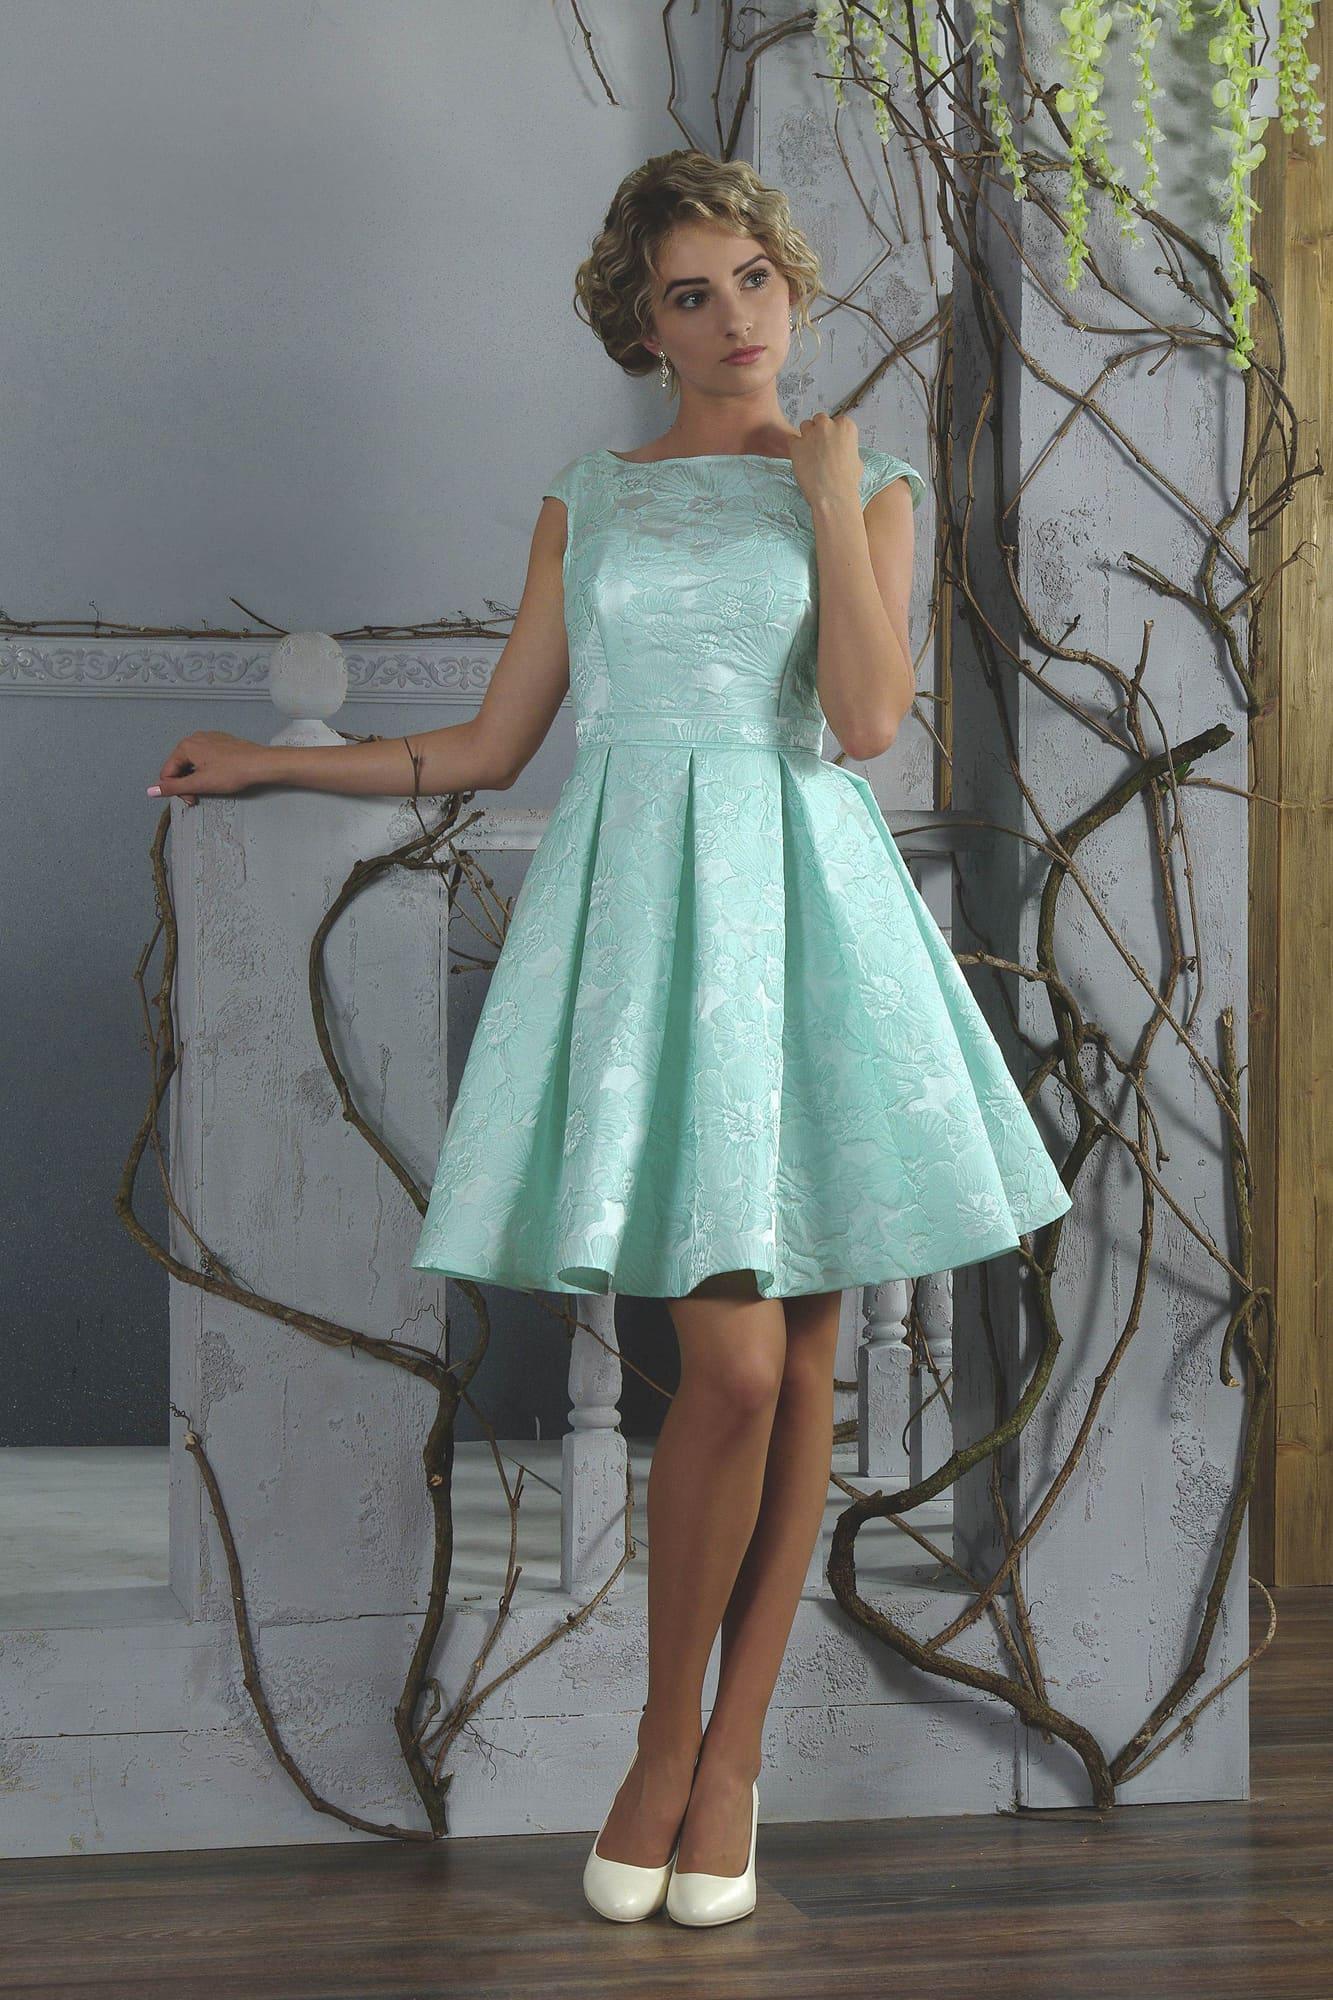 c1ca2d69fca Короткое вечернее платье бирюзового цвета со стильными складками по подолу.